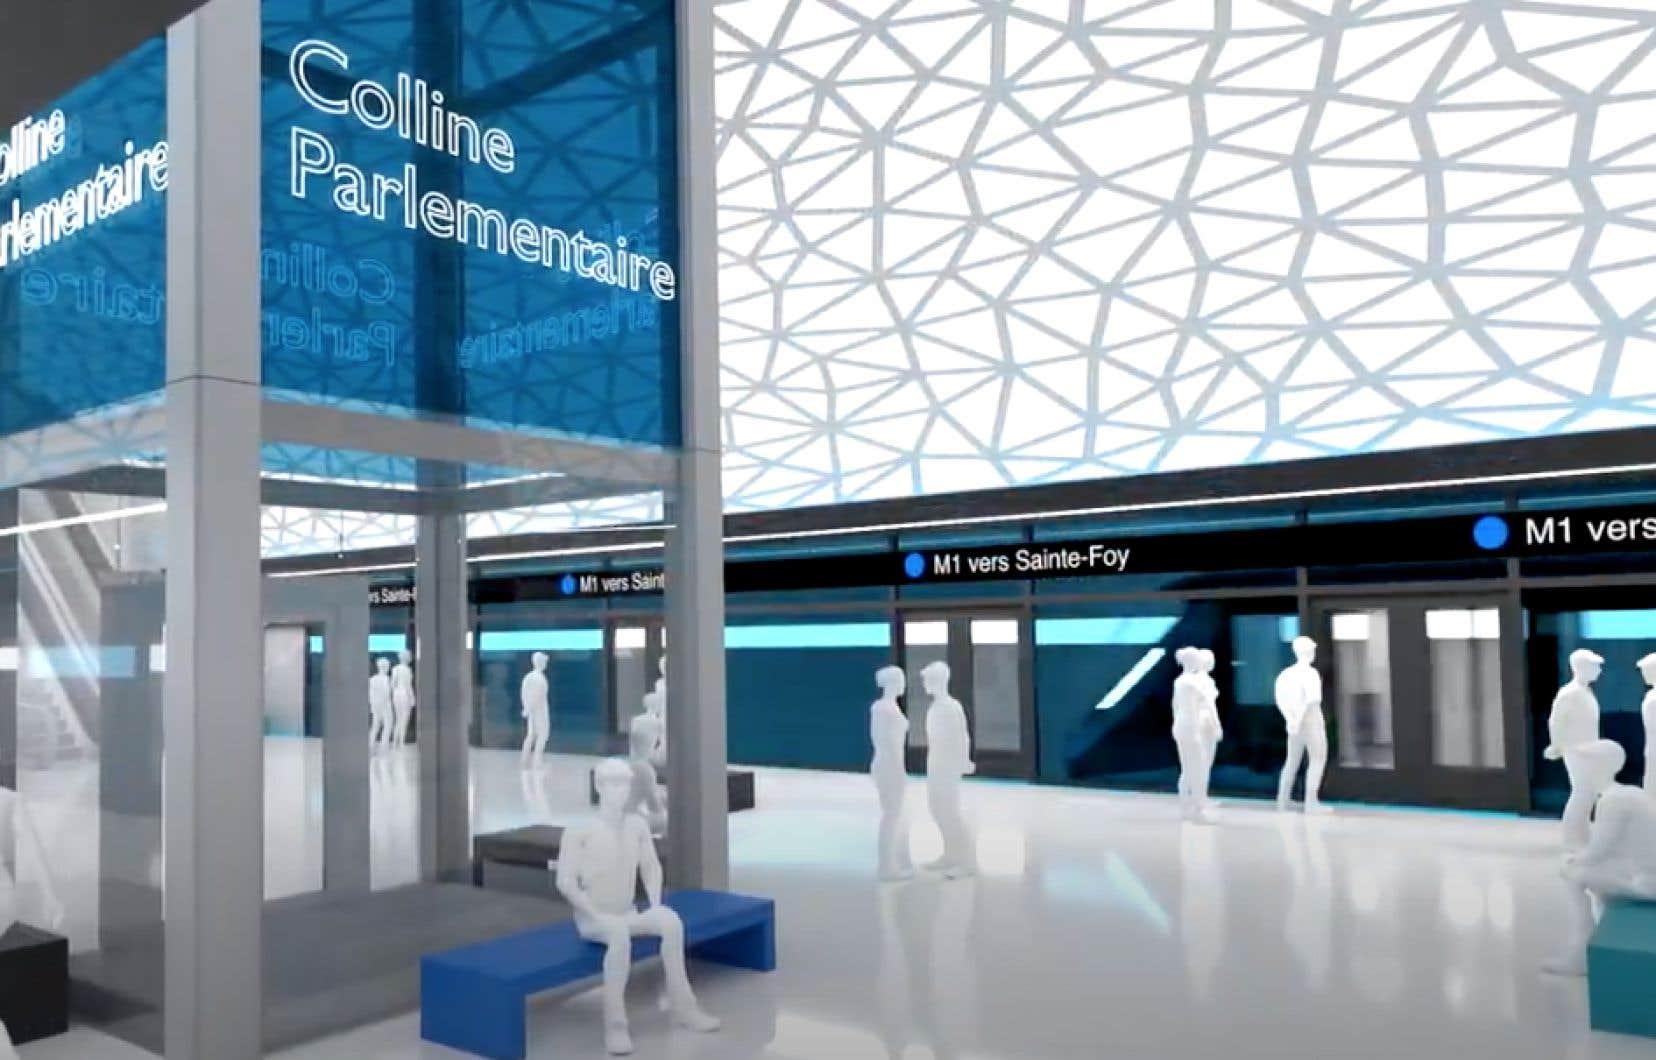 Le VALSE relierait la Colline parlementaire aux secteurs de Marly, à Sainte-Foy, et de l'Aquarium.